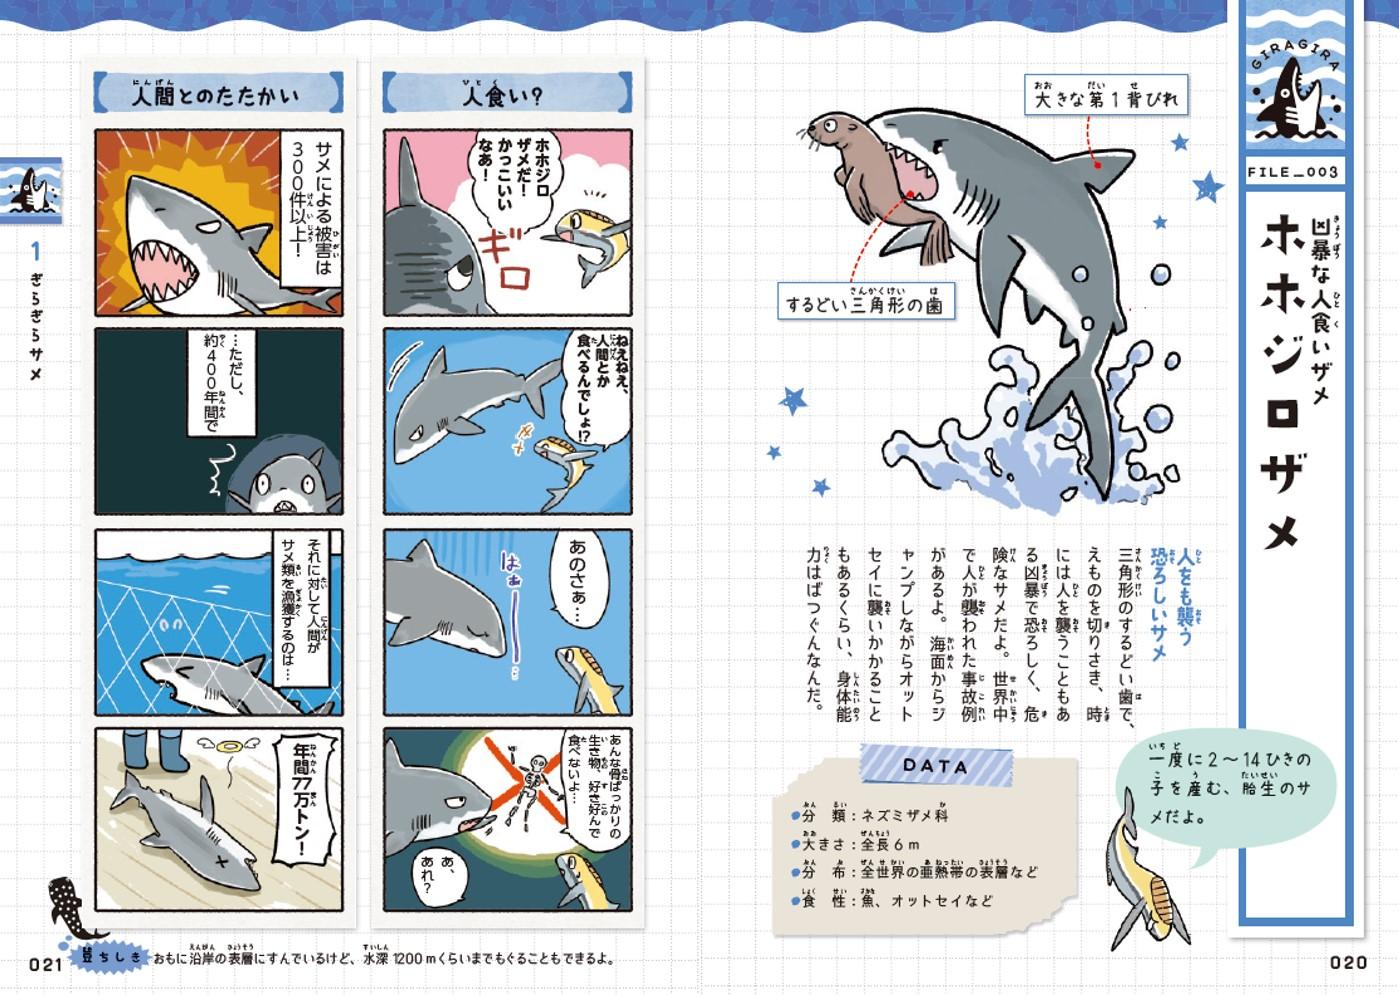 「サメといえば人食い」本誌紙面